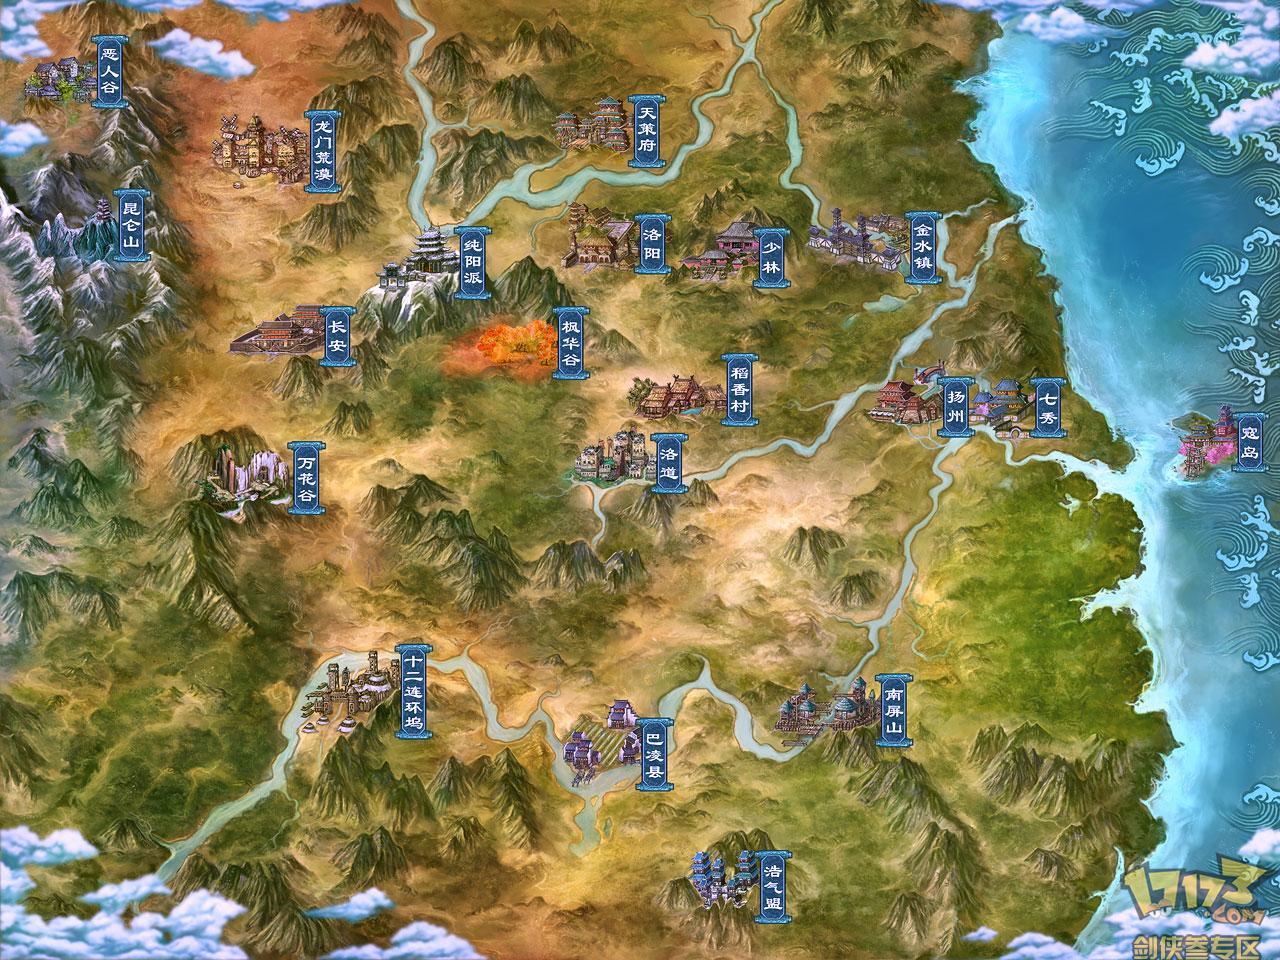 剑网三 世界地图